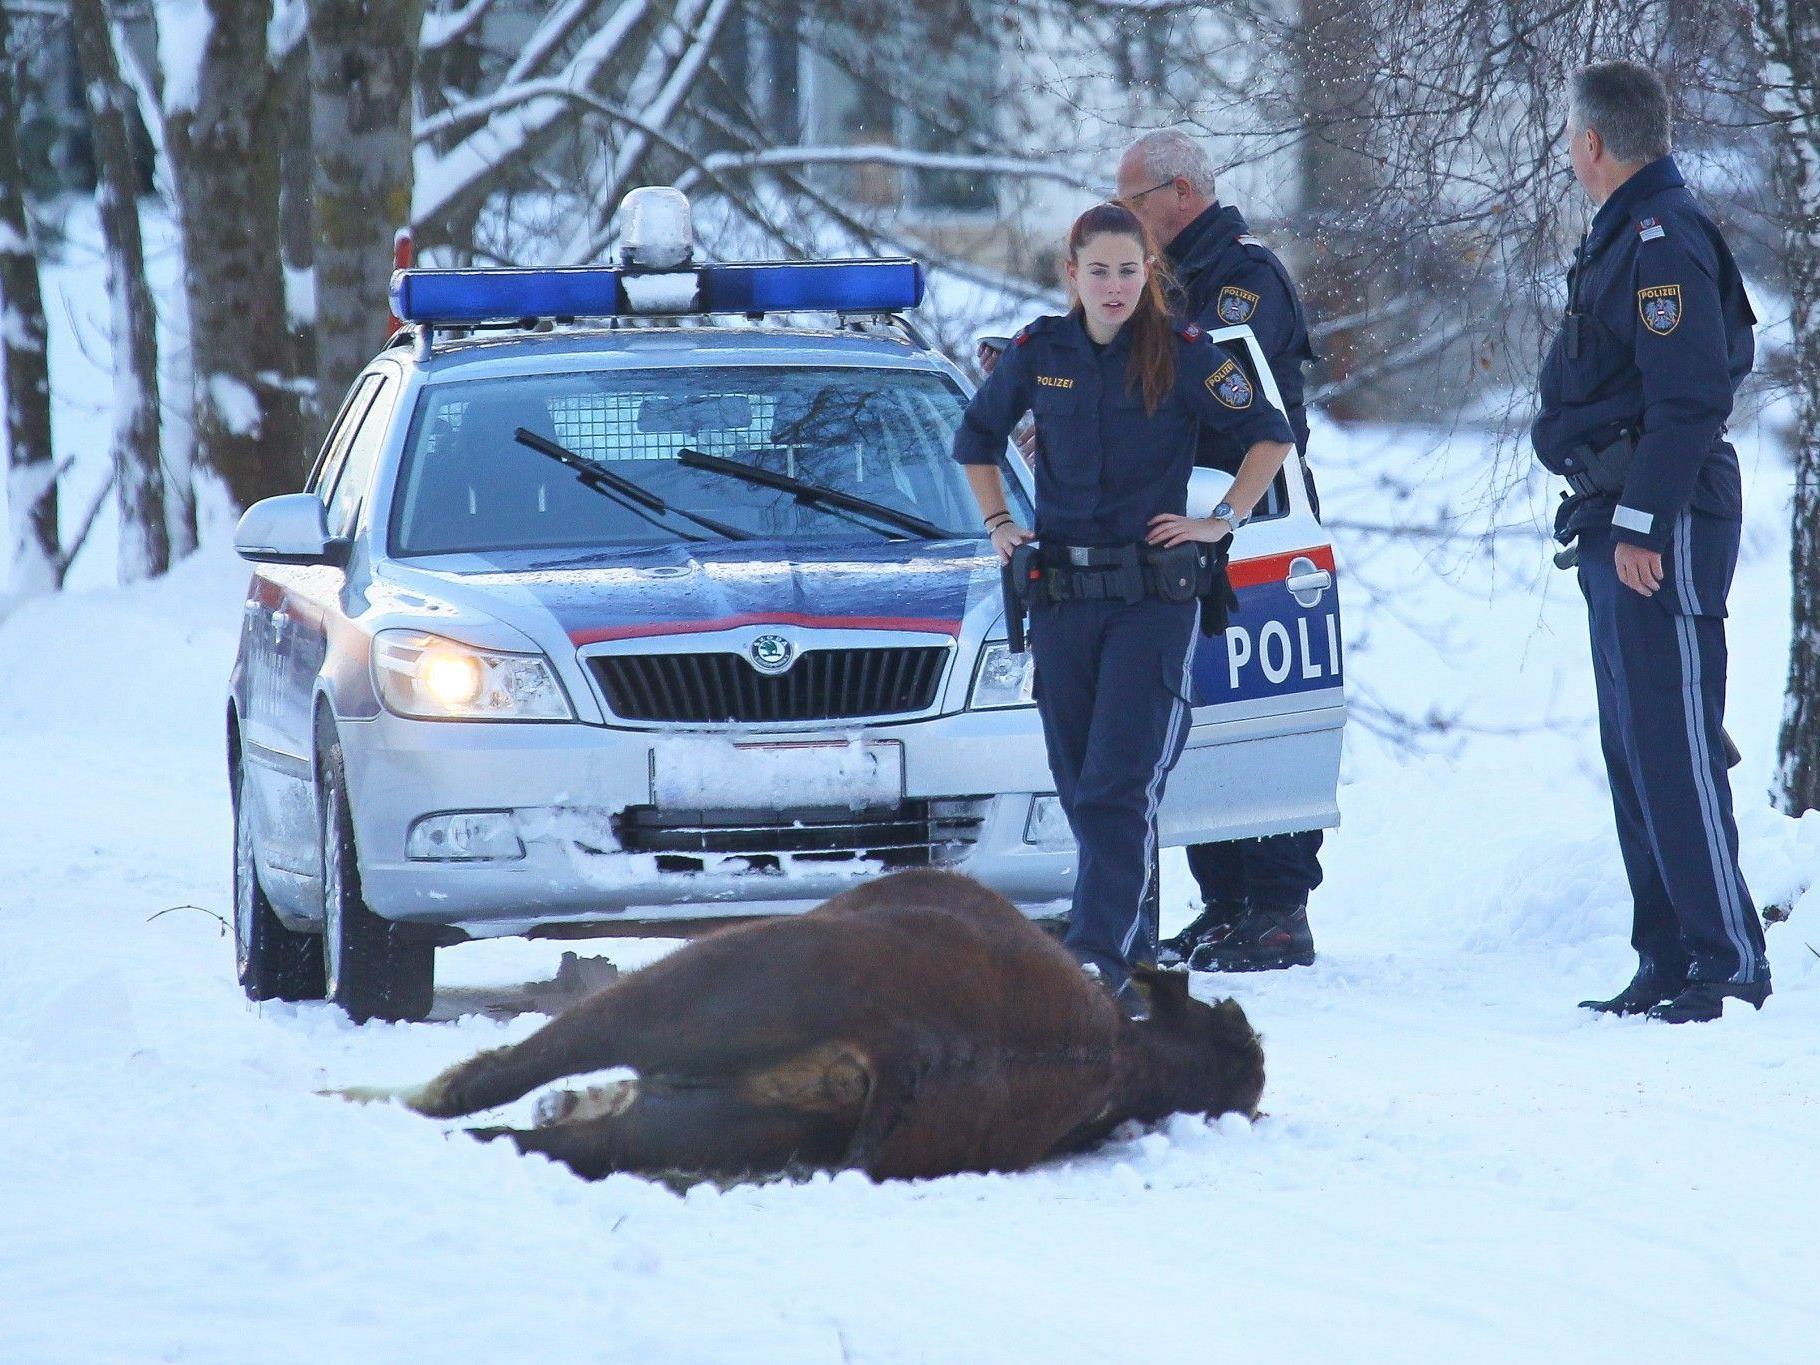 Das Tier musste von der Polizei erlegt werden.